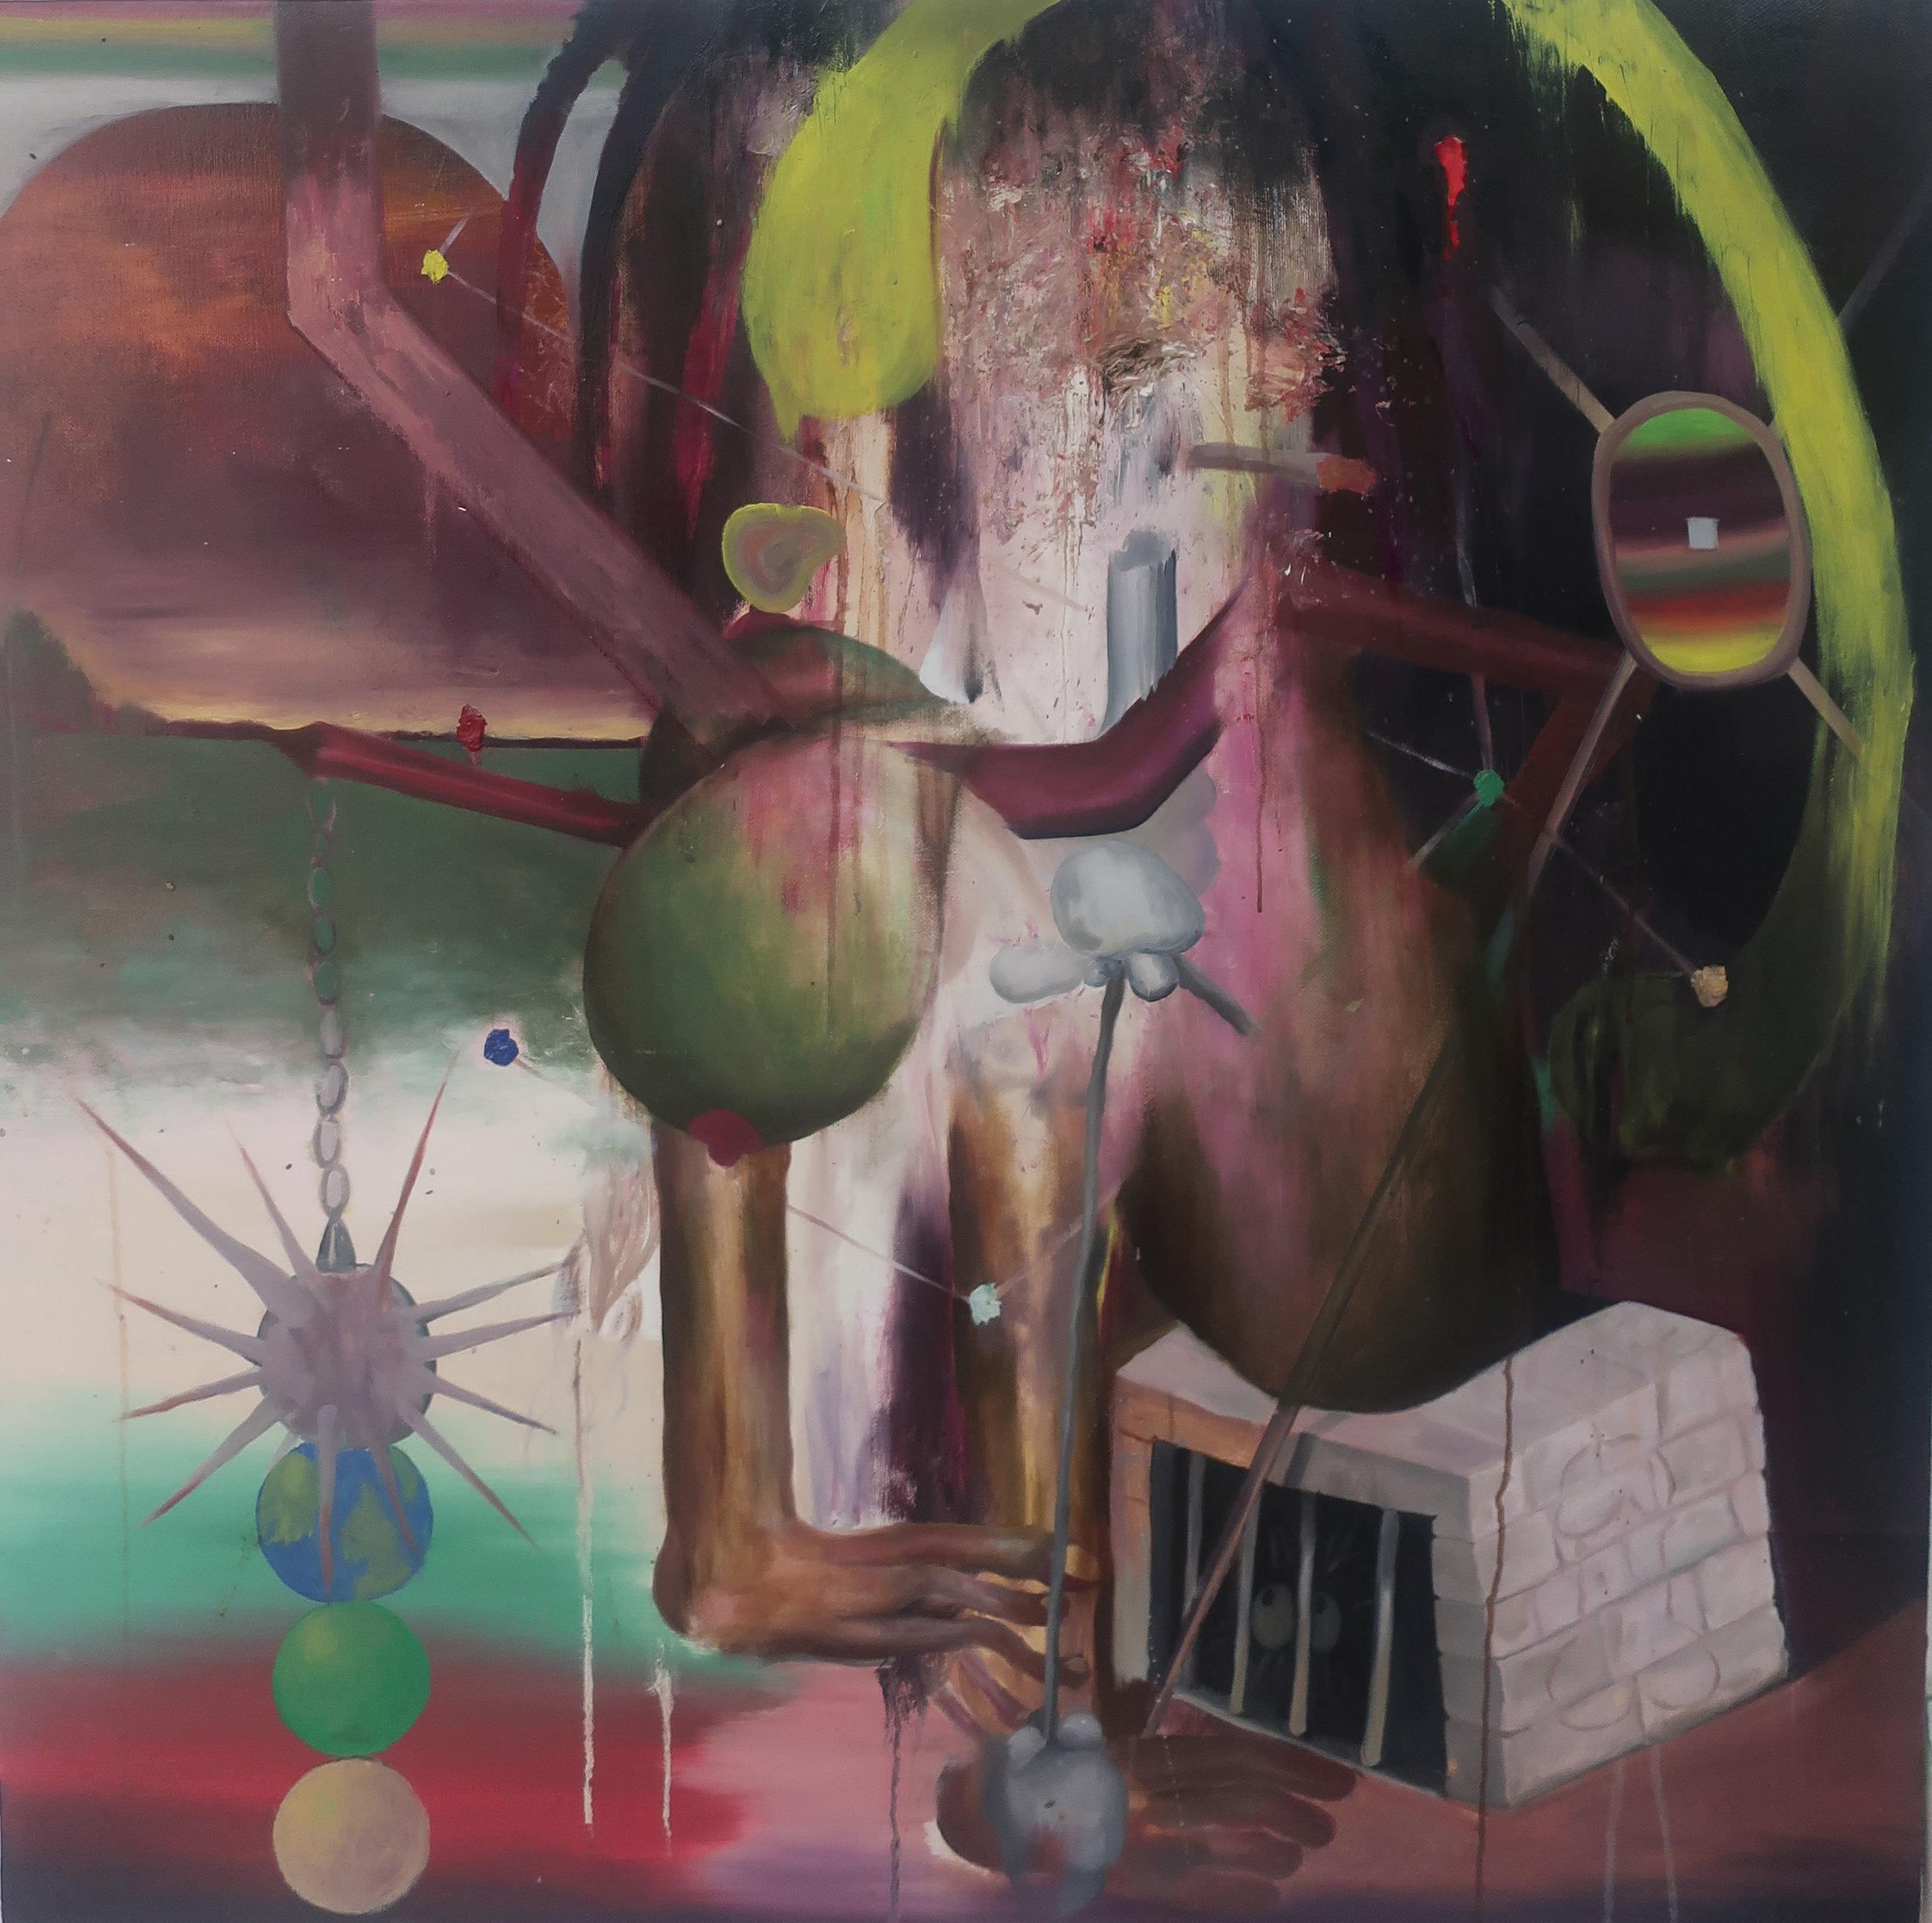 〈棕人魔法|Brown Man Magic〉,油彩於畫布|Oil on canvas,91 cm x 91 cm|3 feet x 3 feet,2019.jpg